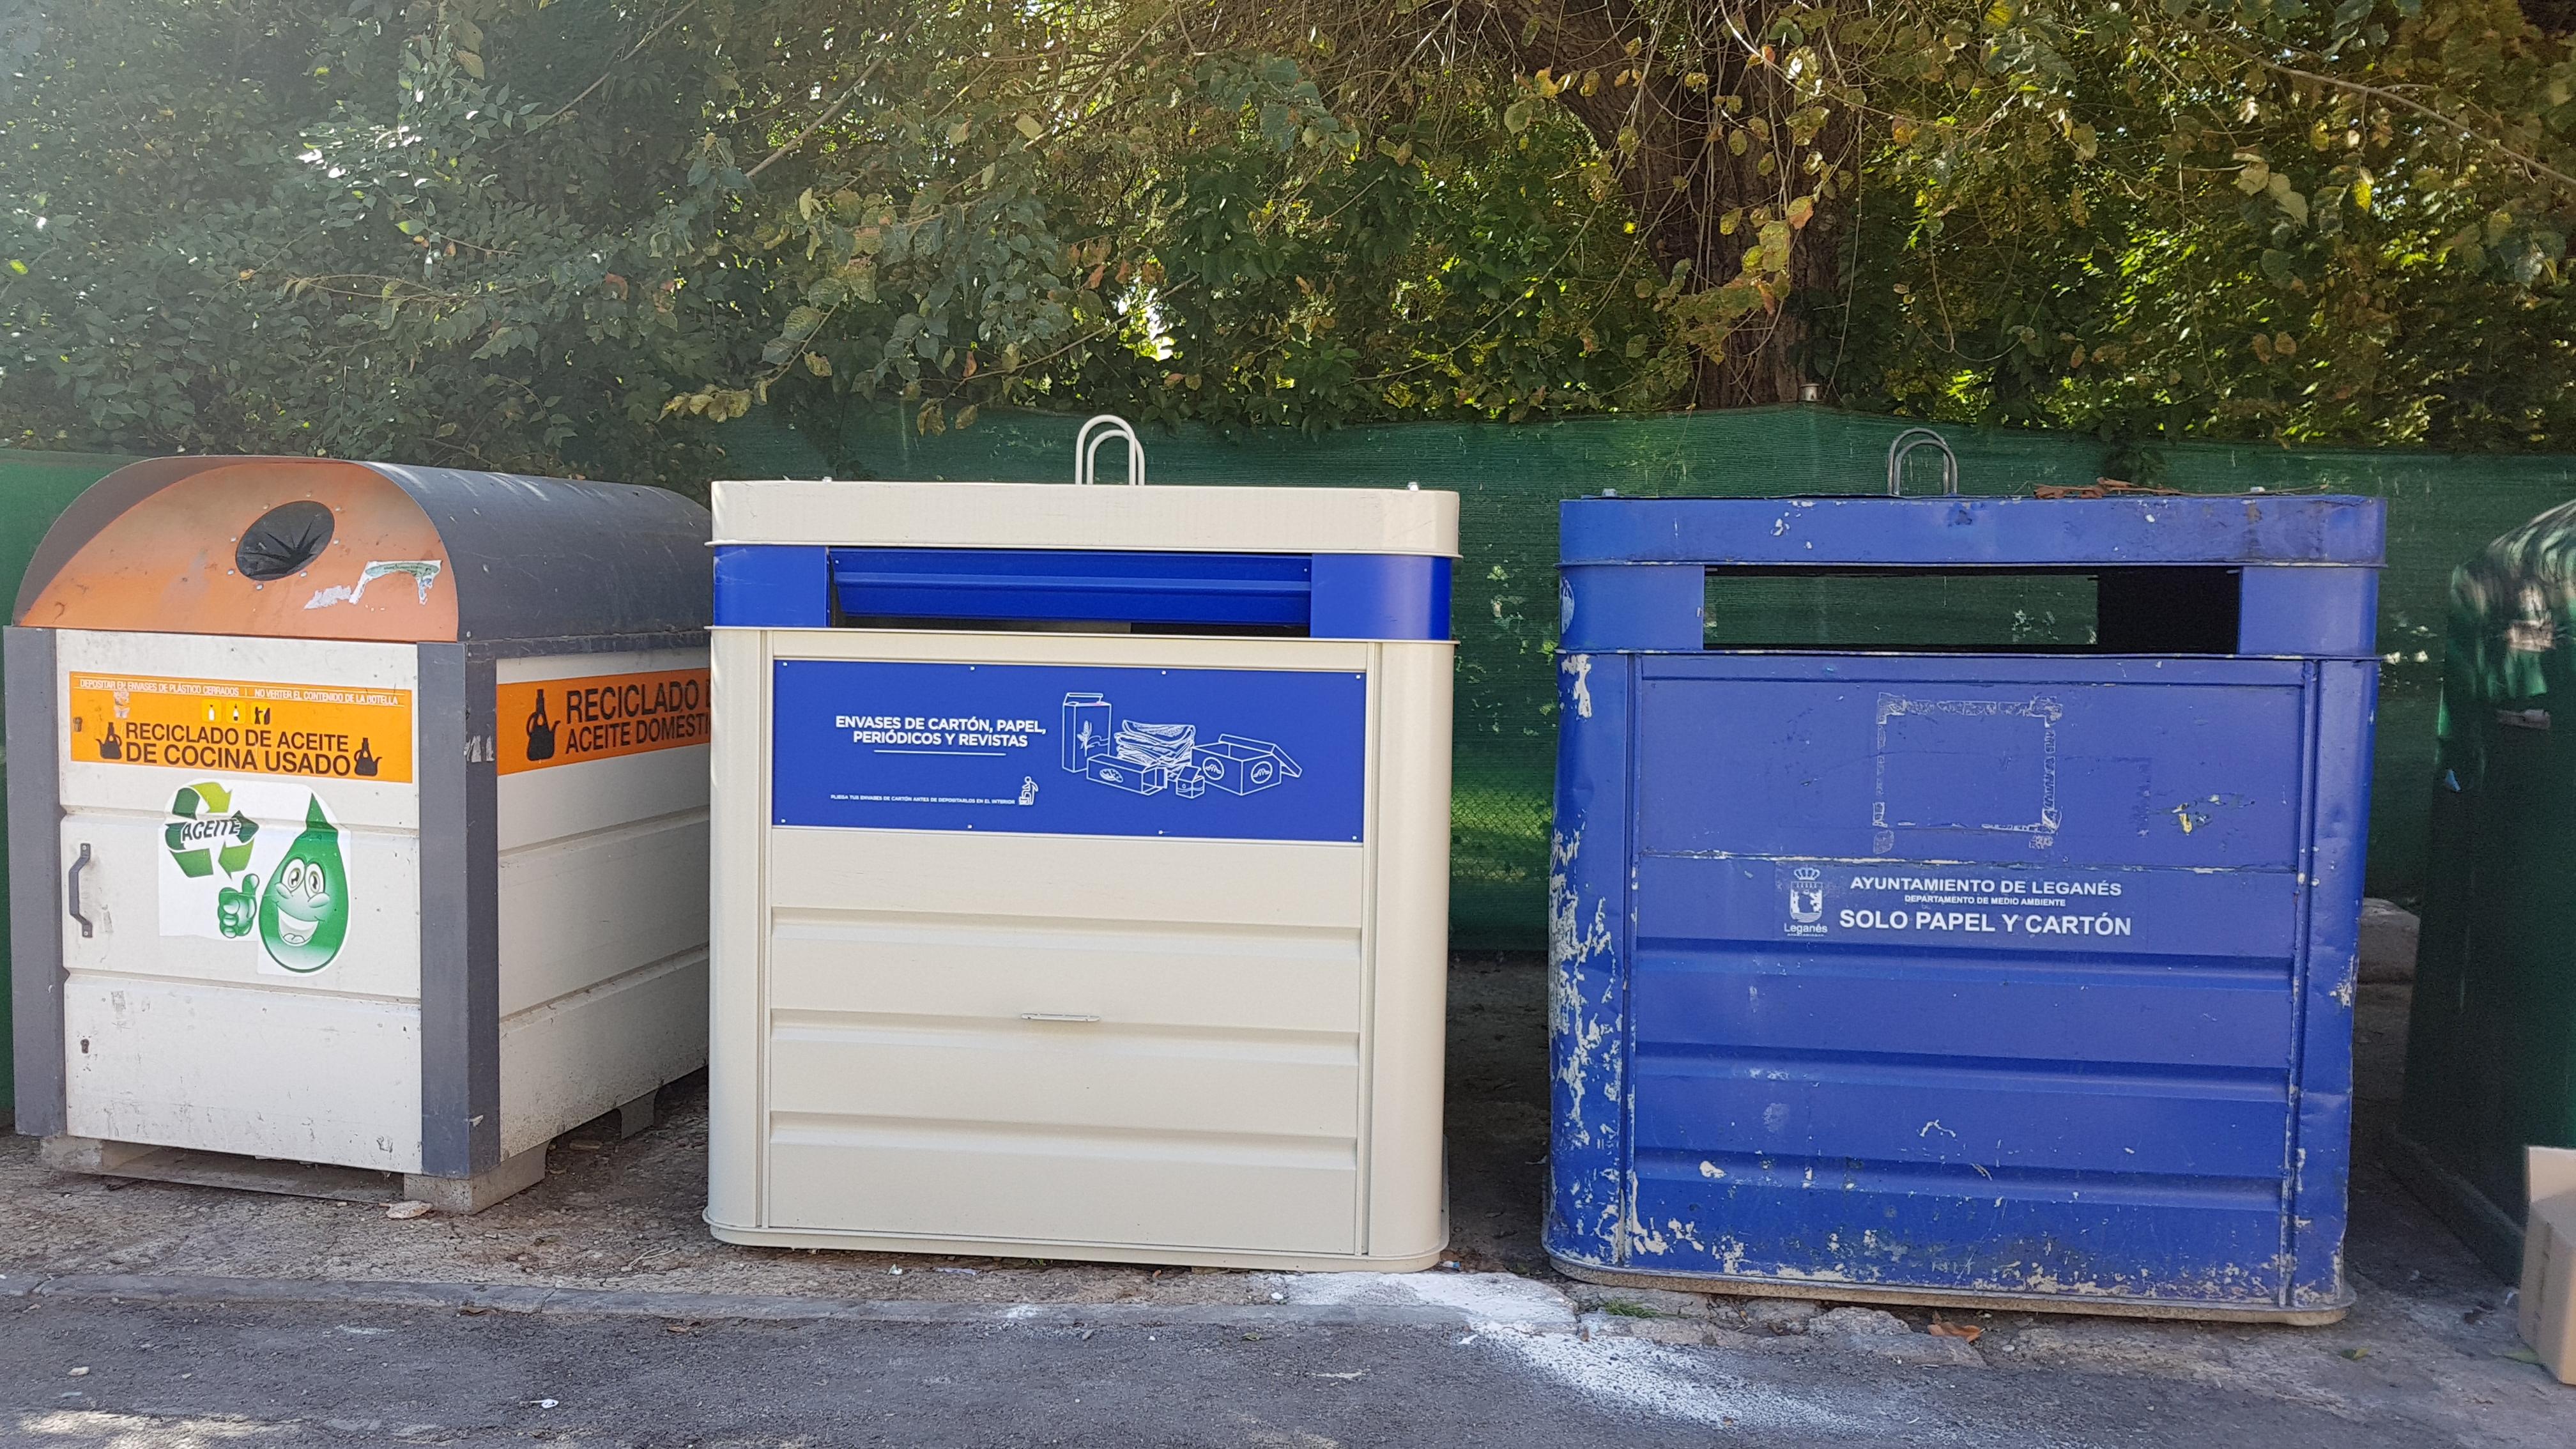 El Ayuntamiento de Velilla ha instalado los nuevos contenedores de papel